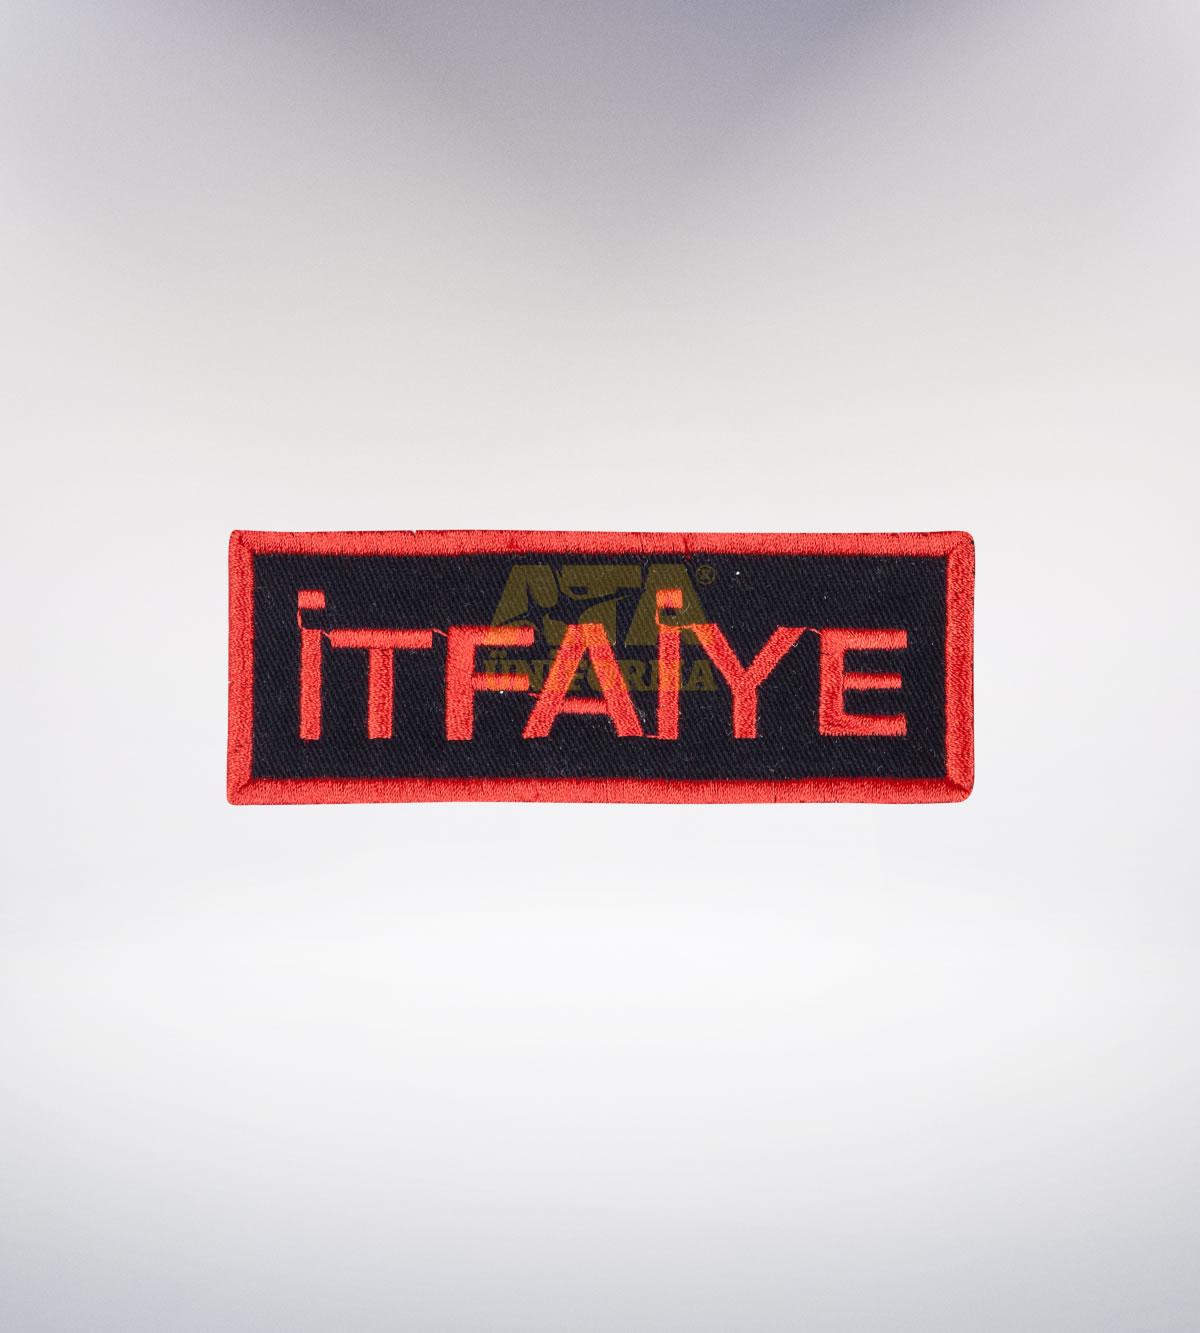 ATA 300 - Yangın söndürme takımı (uygulama kıyafeti yanmaz kıyafet) - itfaiye elbiseleri | itfaiye üniformaları | itfaiye kıyafetleri